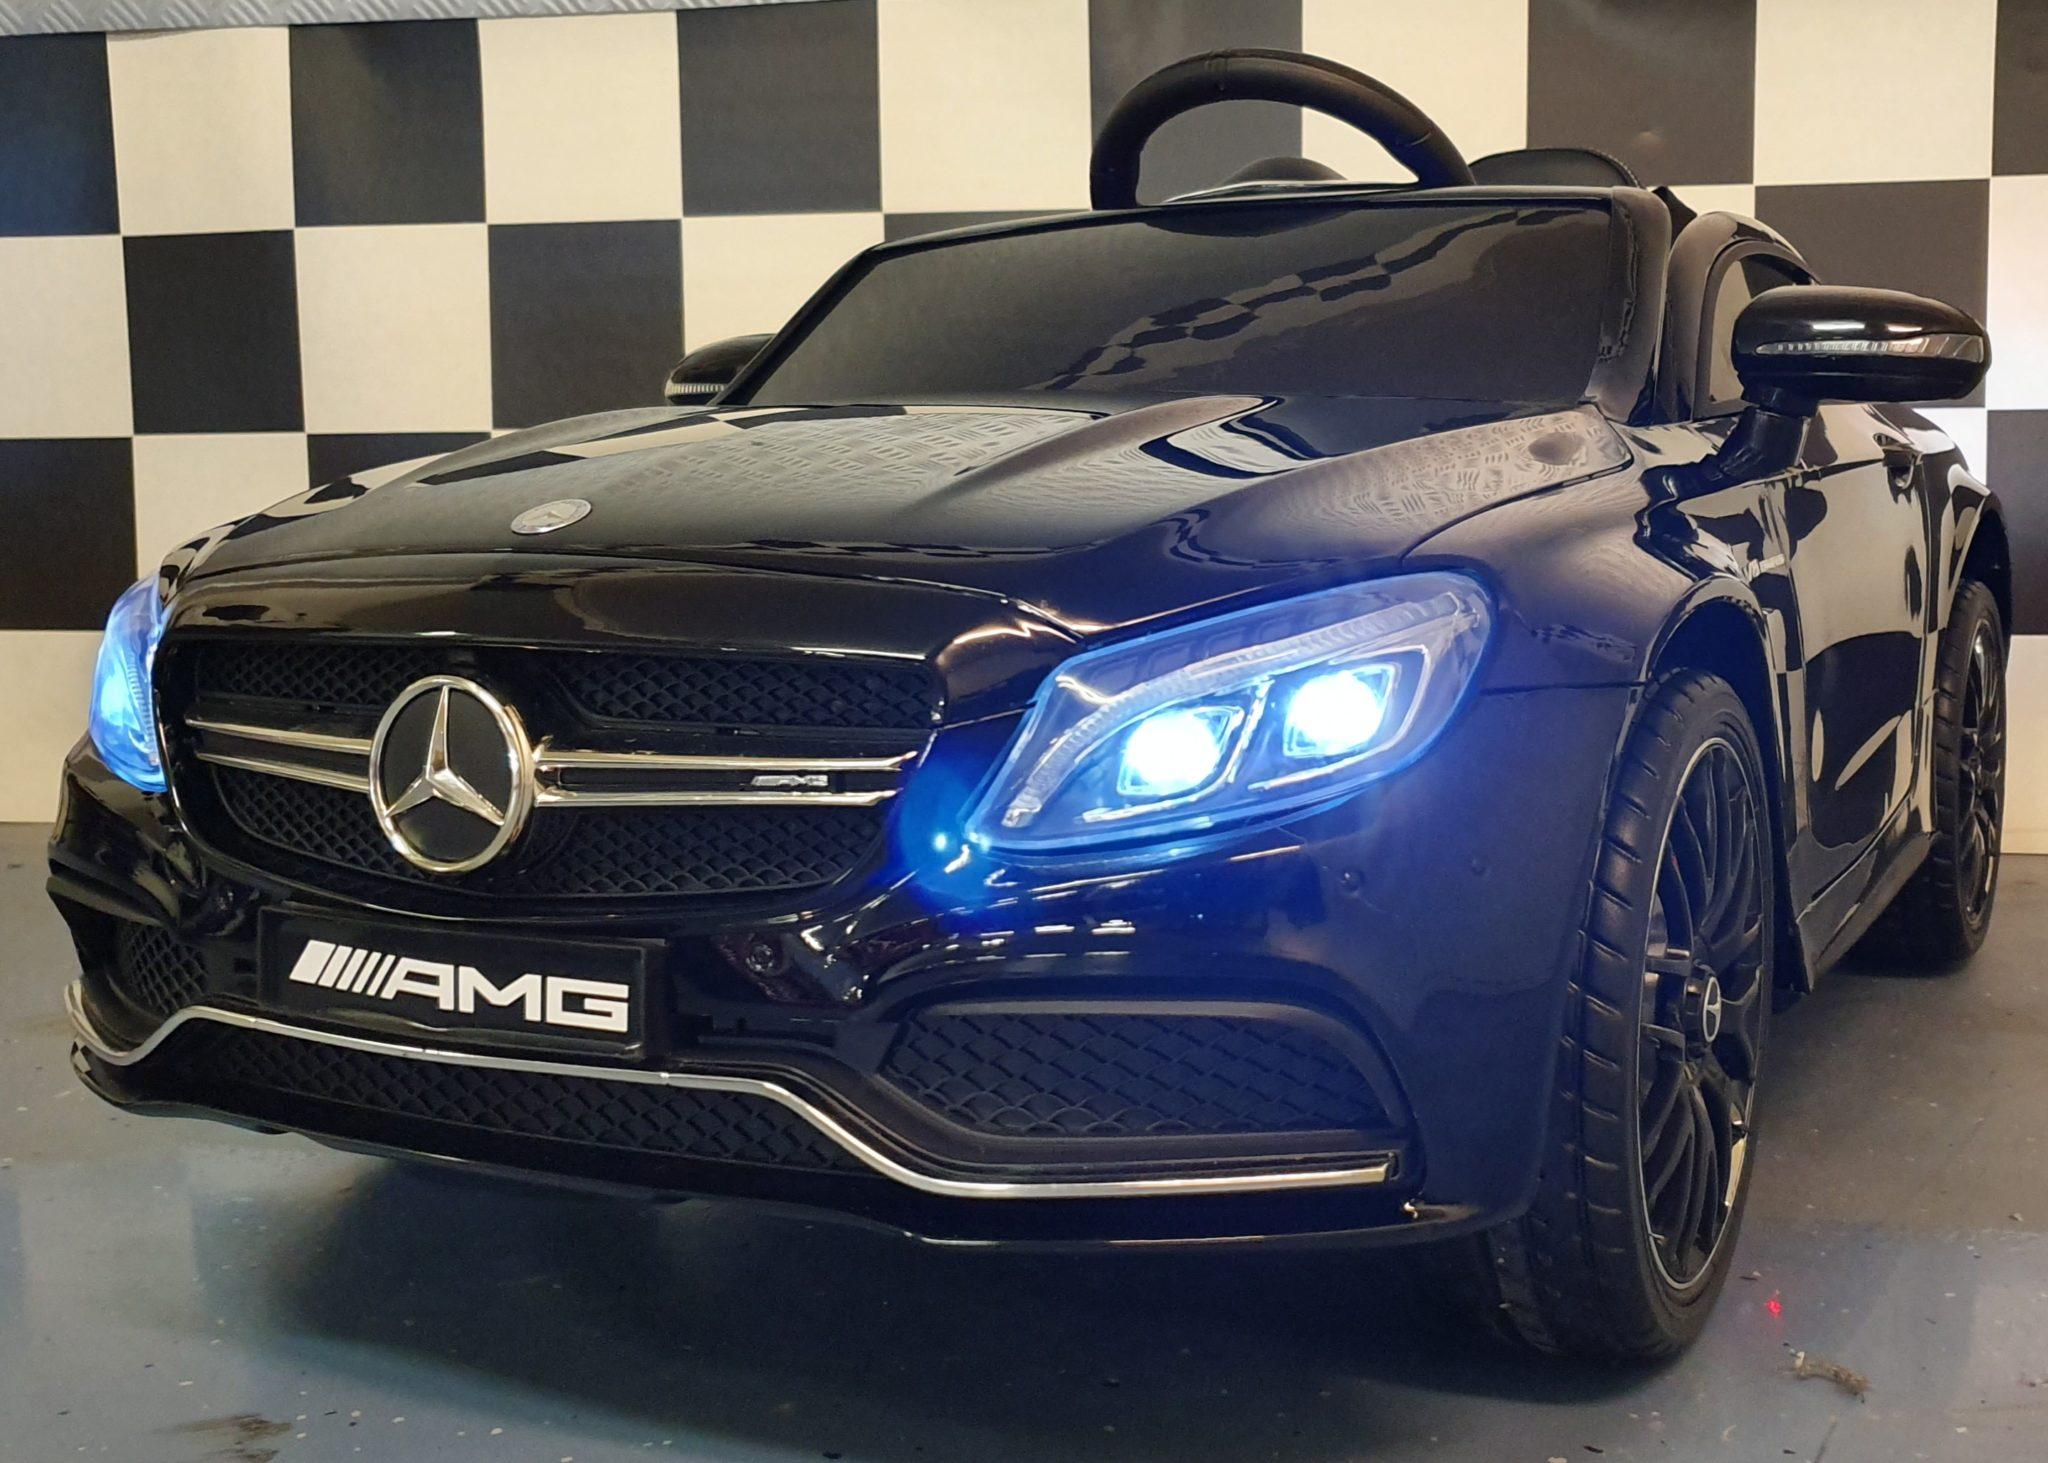 Accu kinderauto Mercedes C63 AMG e 12 volt, 2.4G afstandbediening metallic zwart